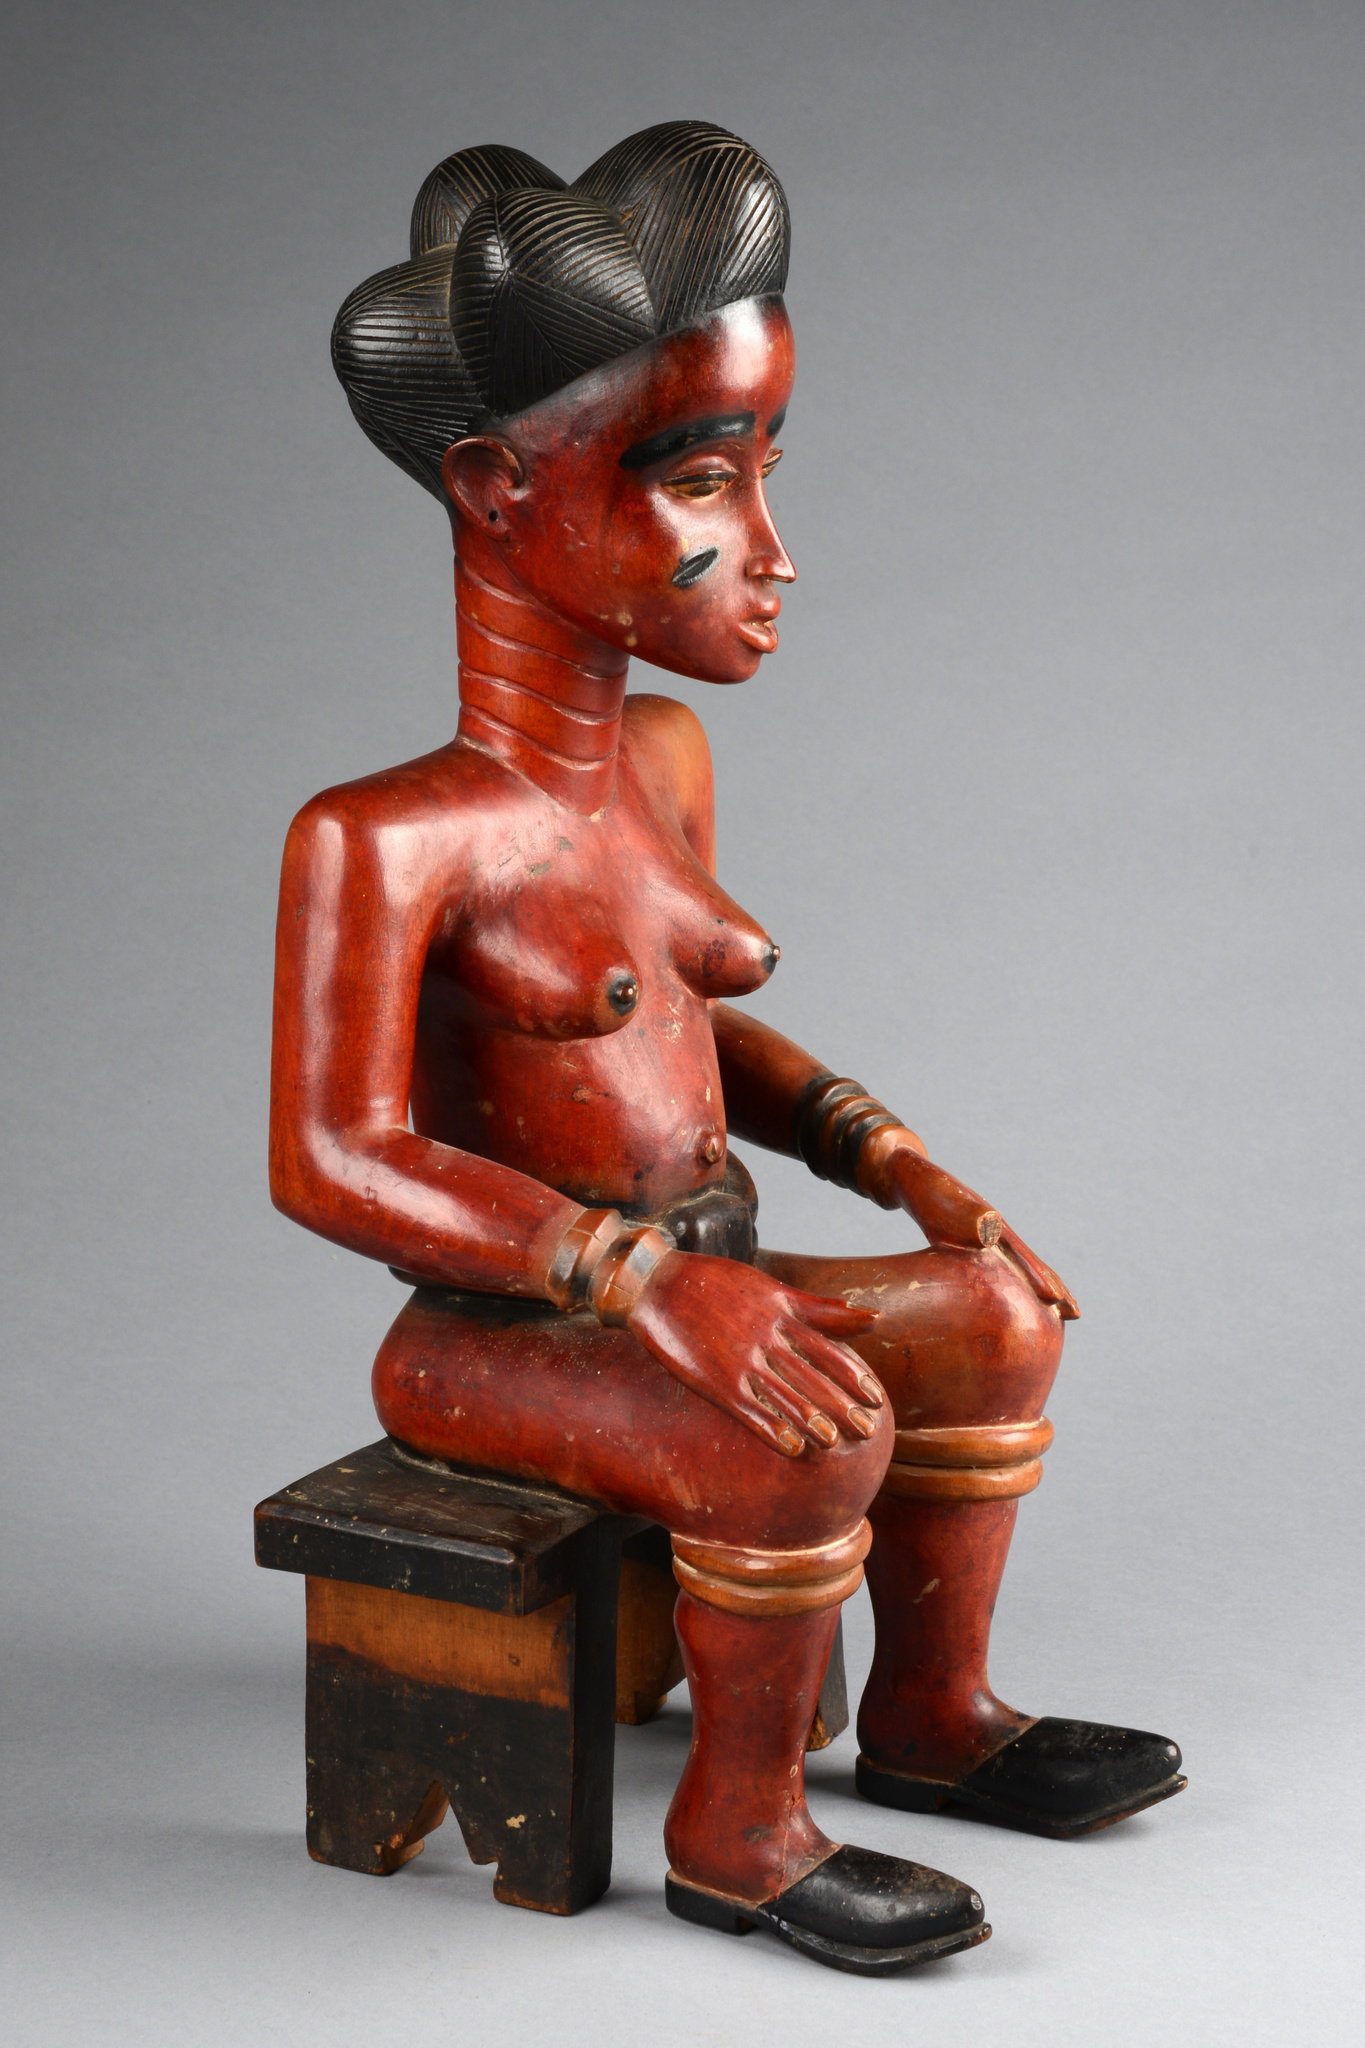 Sitzende weibliche Figur im Colonstil